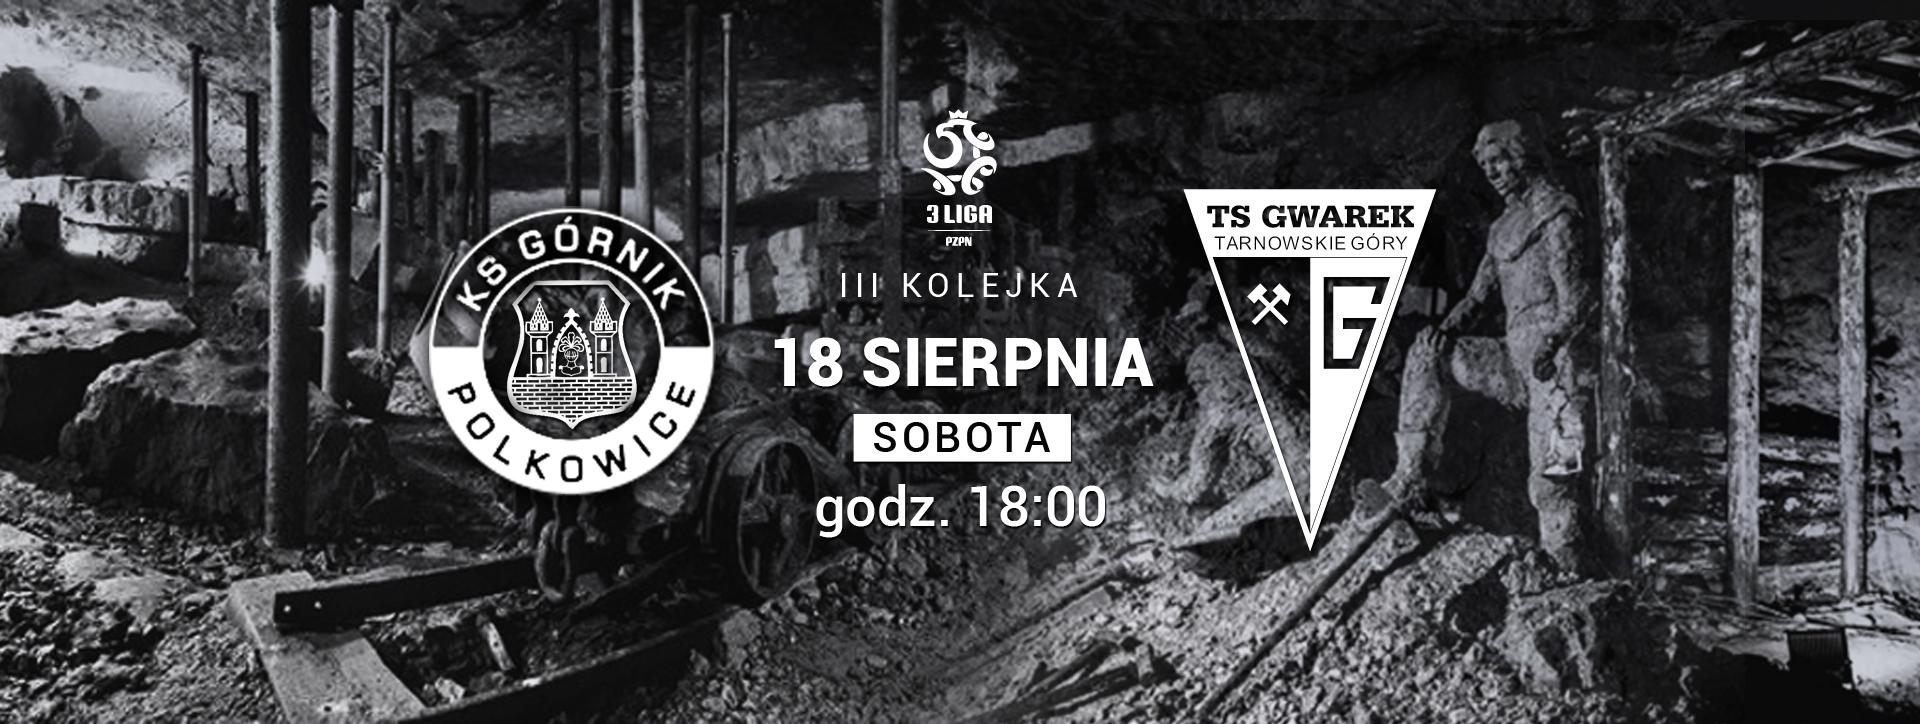 ZAPOWIEDŹ: Górnik Polkowice – Gwarek Tarnowskie Góry